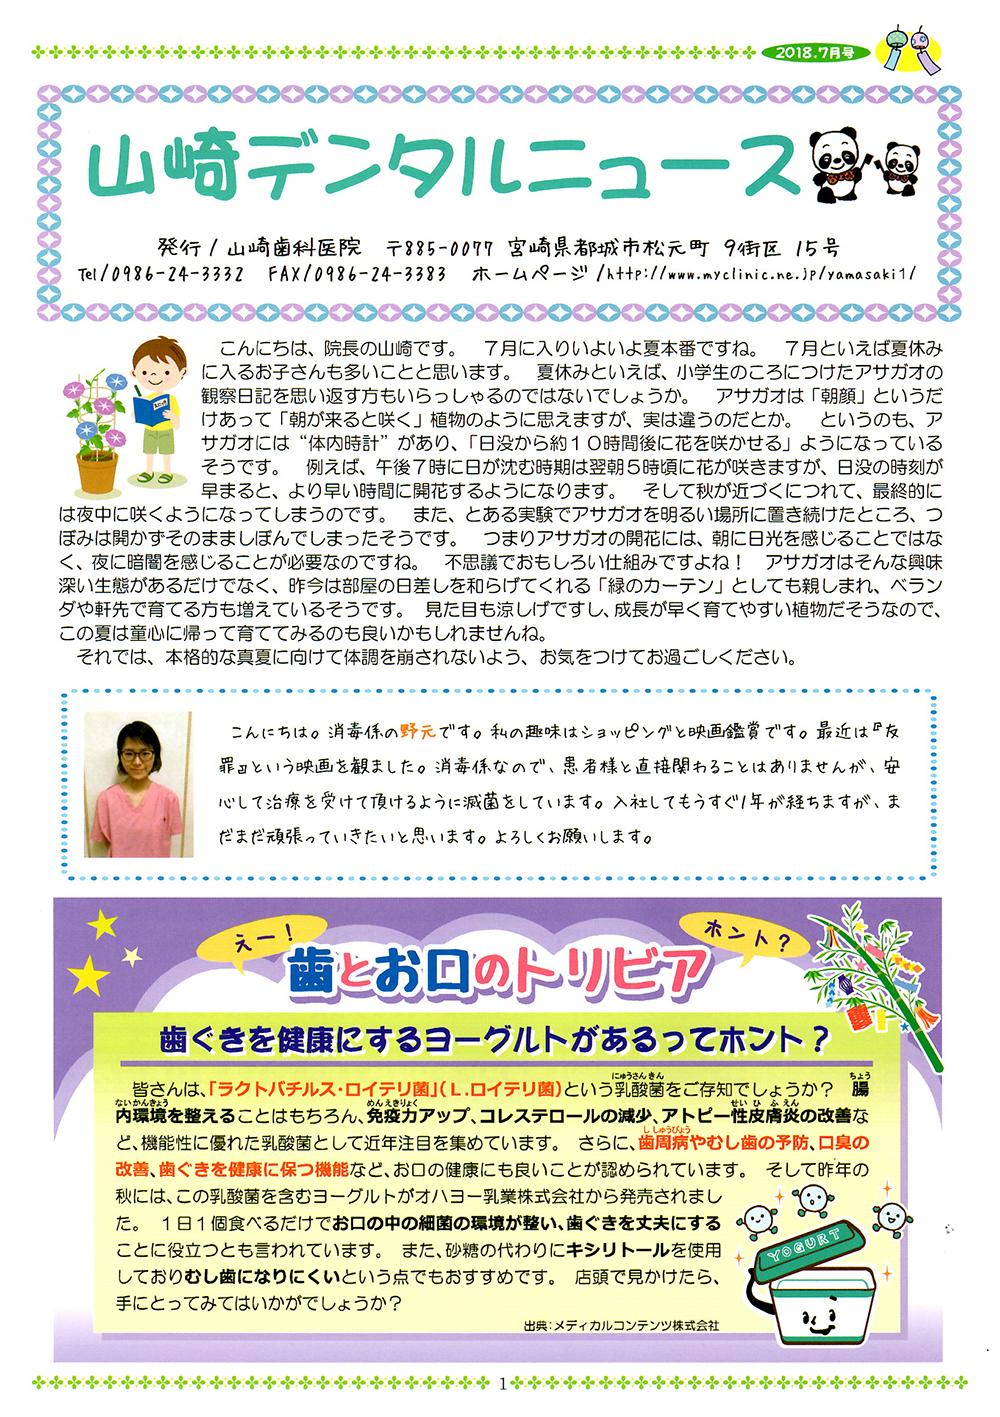 山崎デンタルニュース7月号